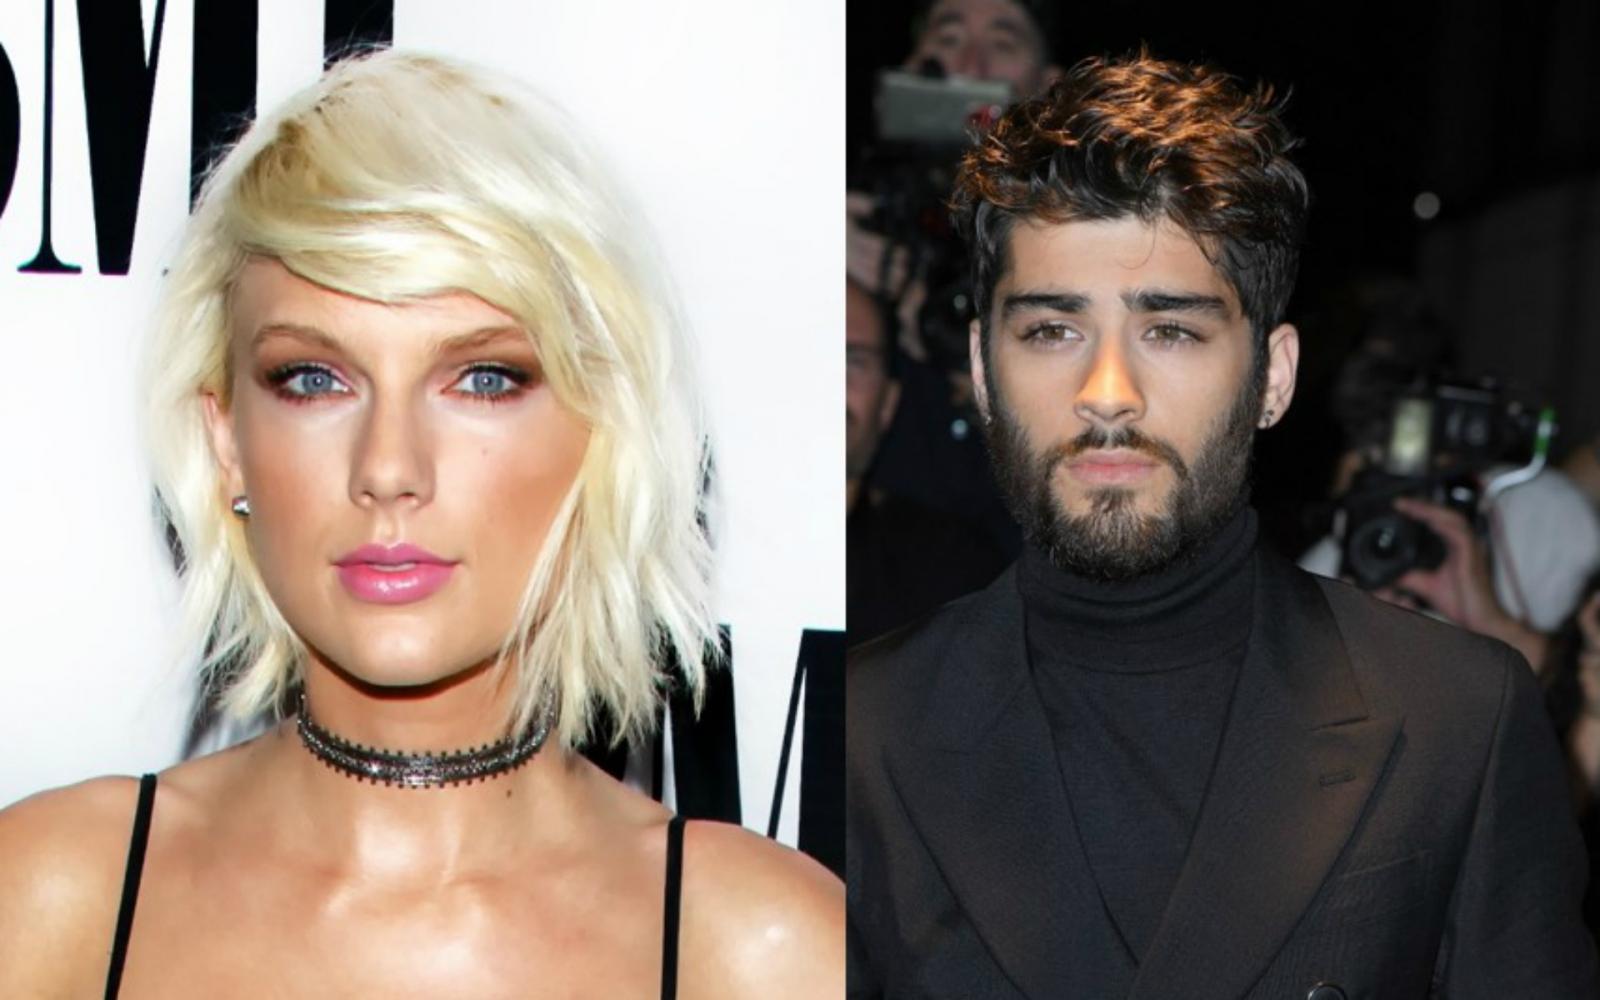 Taylor Swift and Zayn Malik